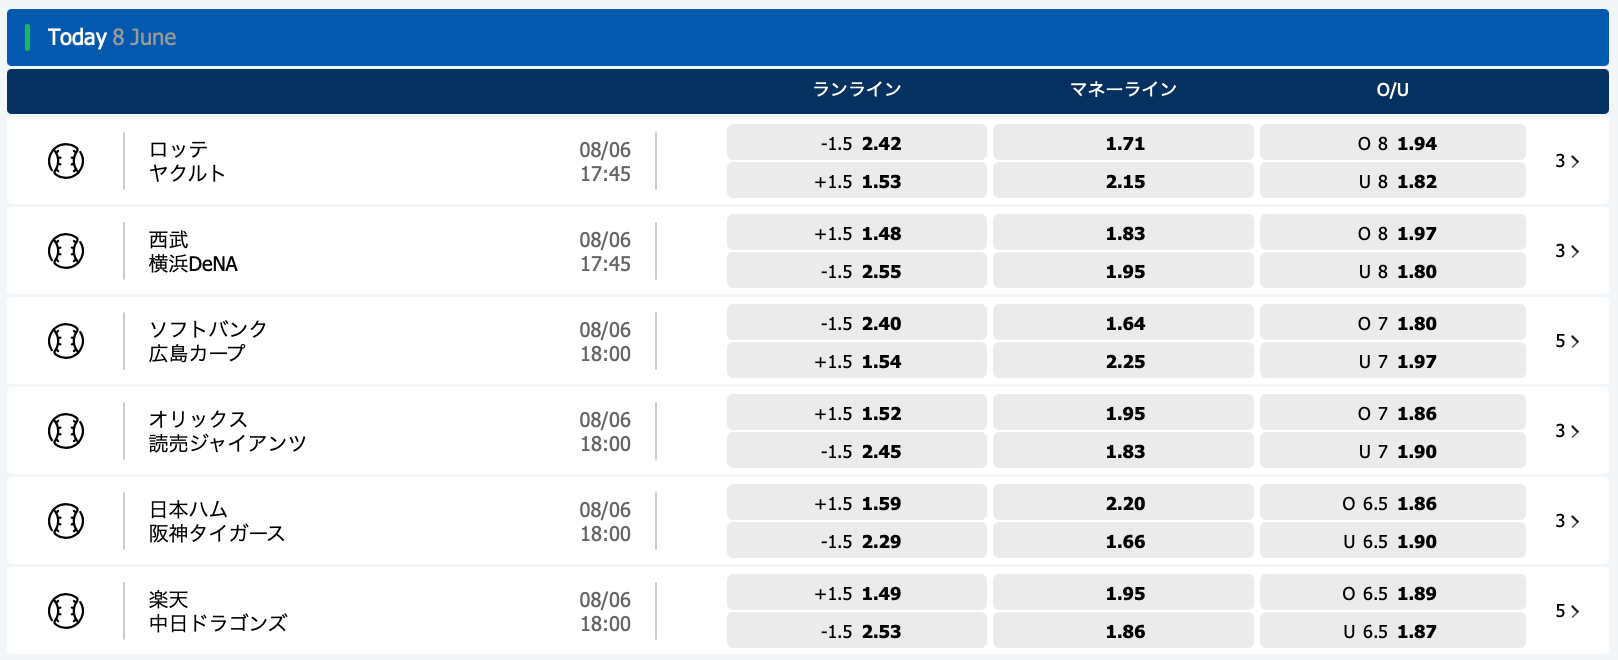 2021年6月8日プロ野球オッズ・10bet Japan